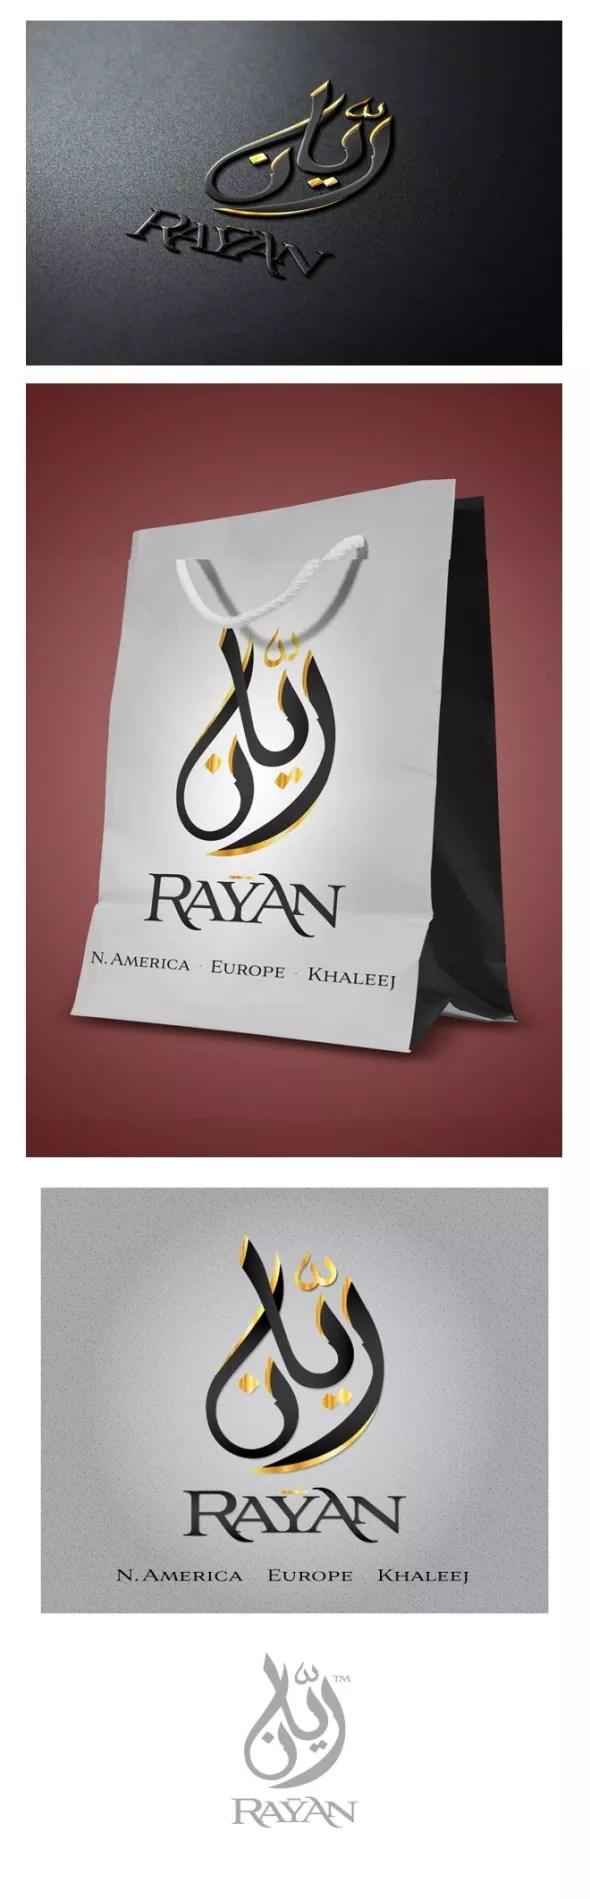 Rayan Arabic Branding